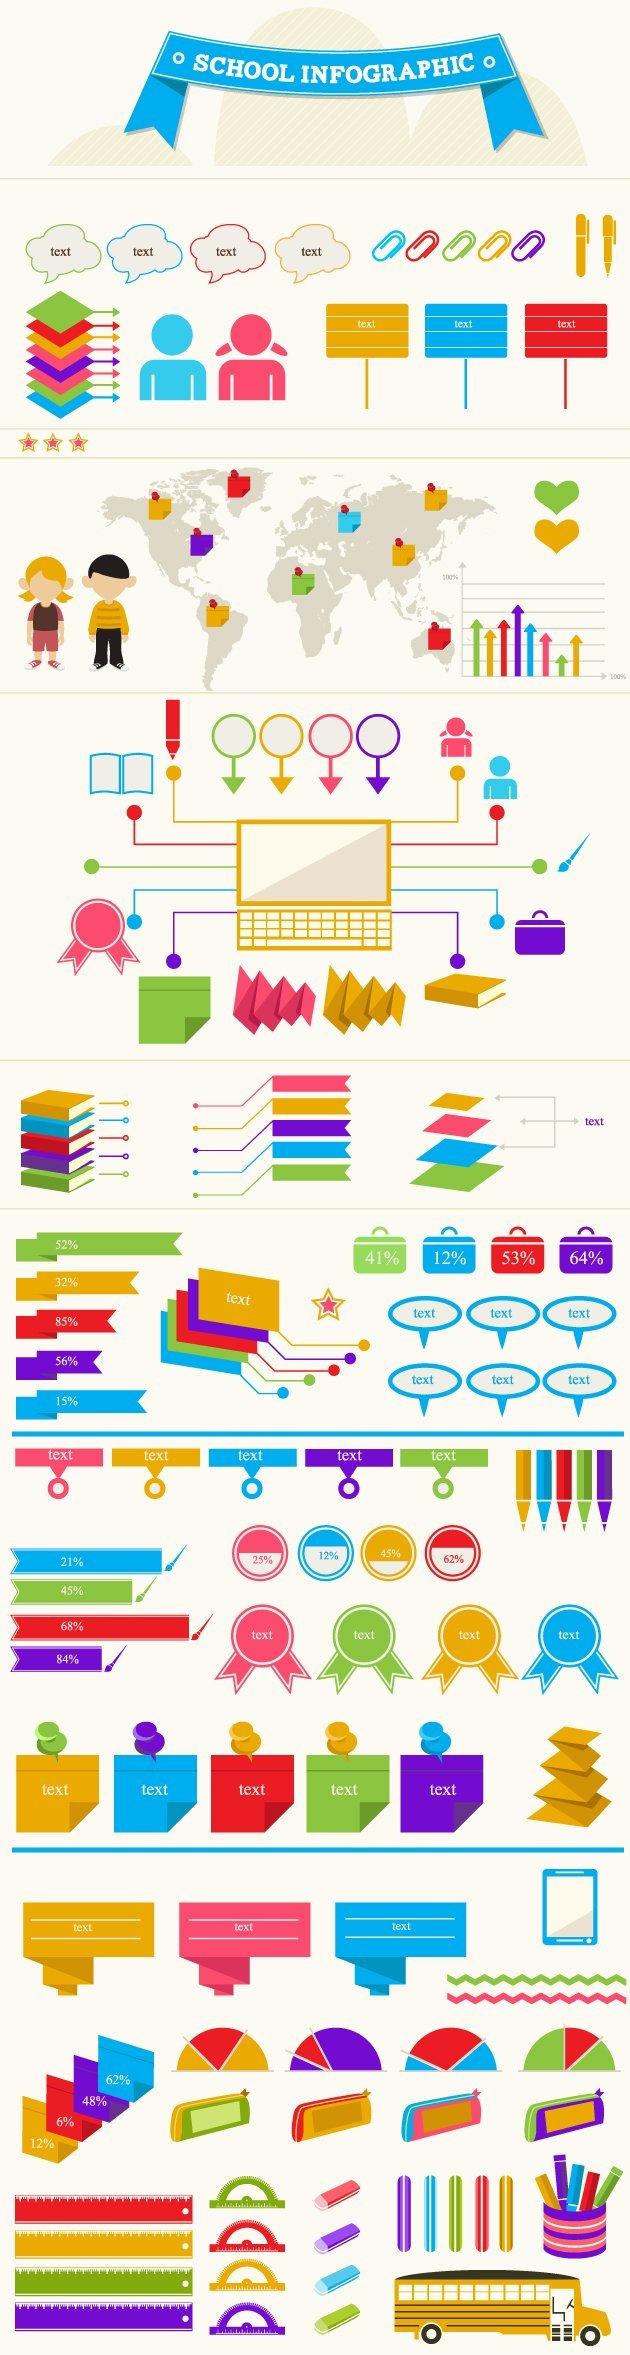 school-infographic-vector